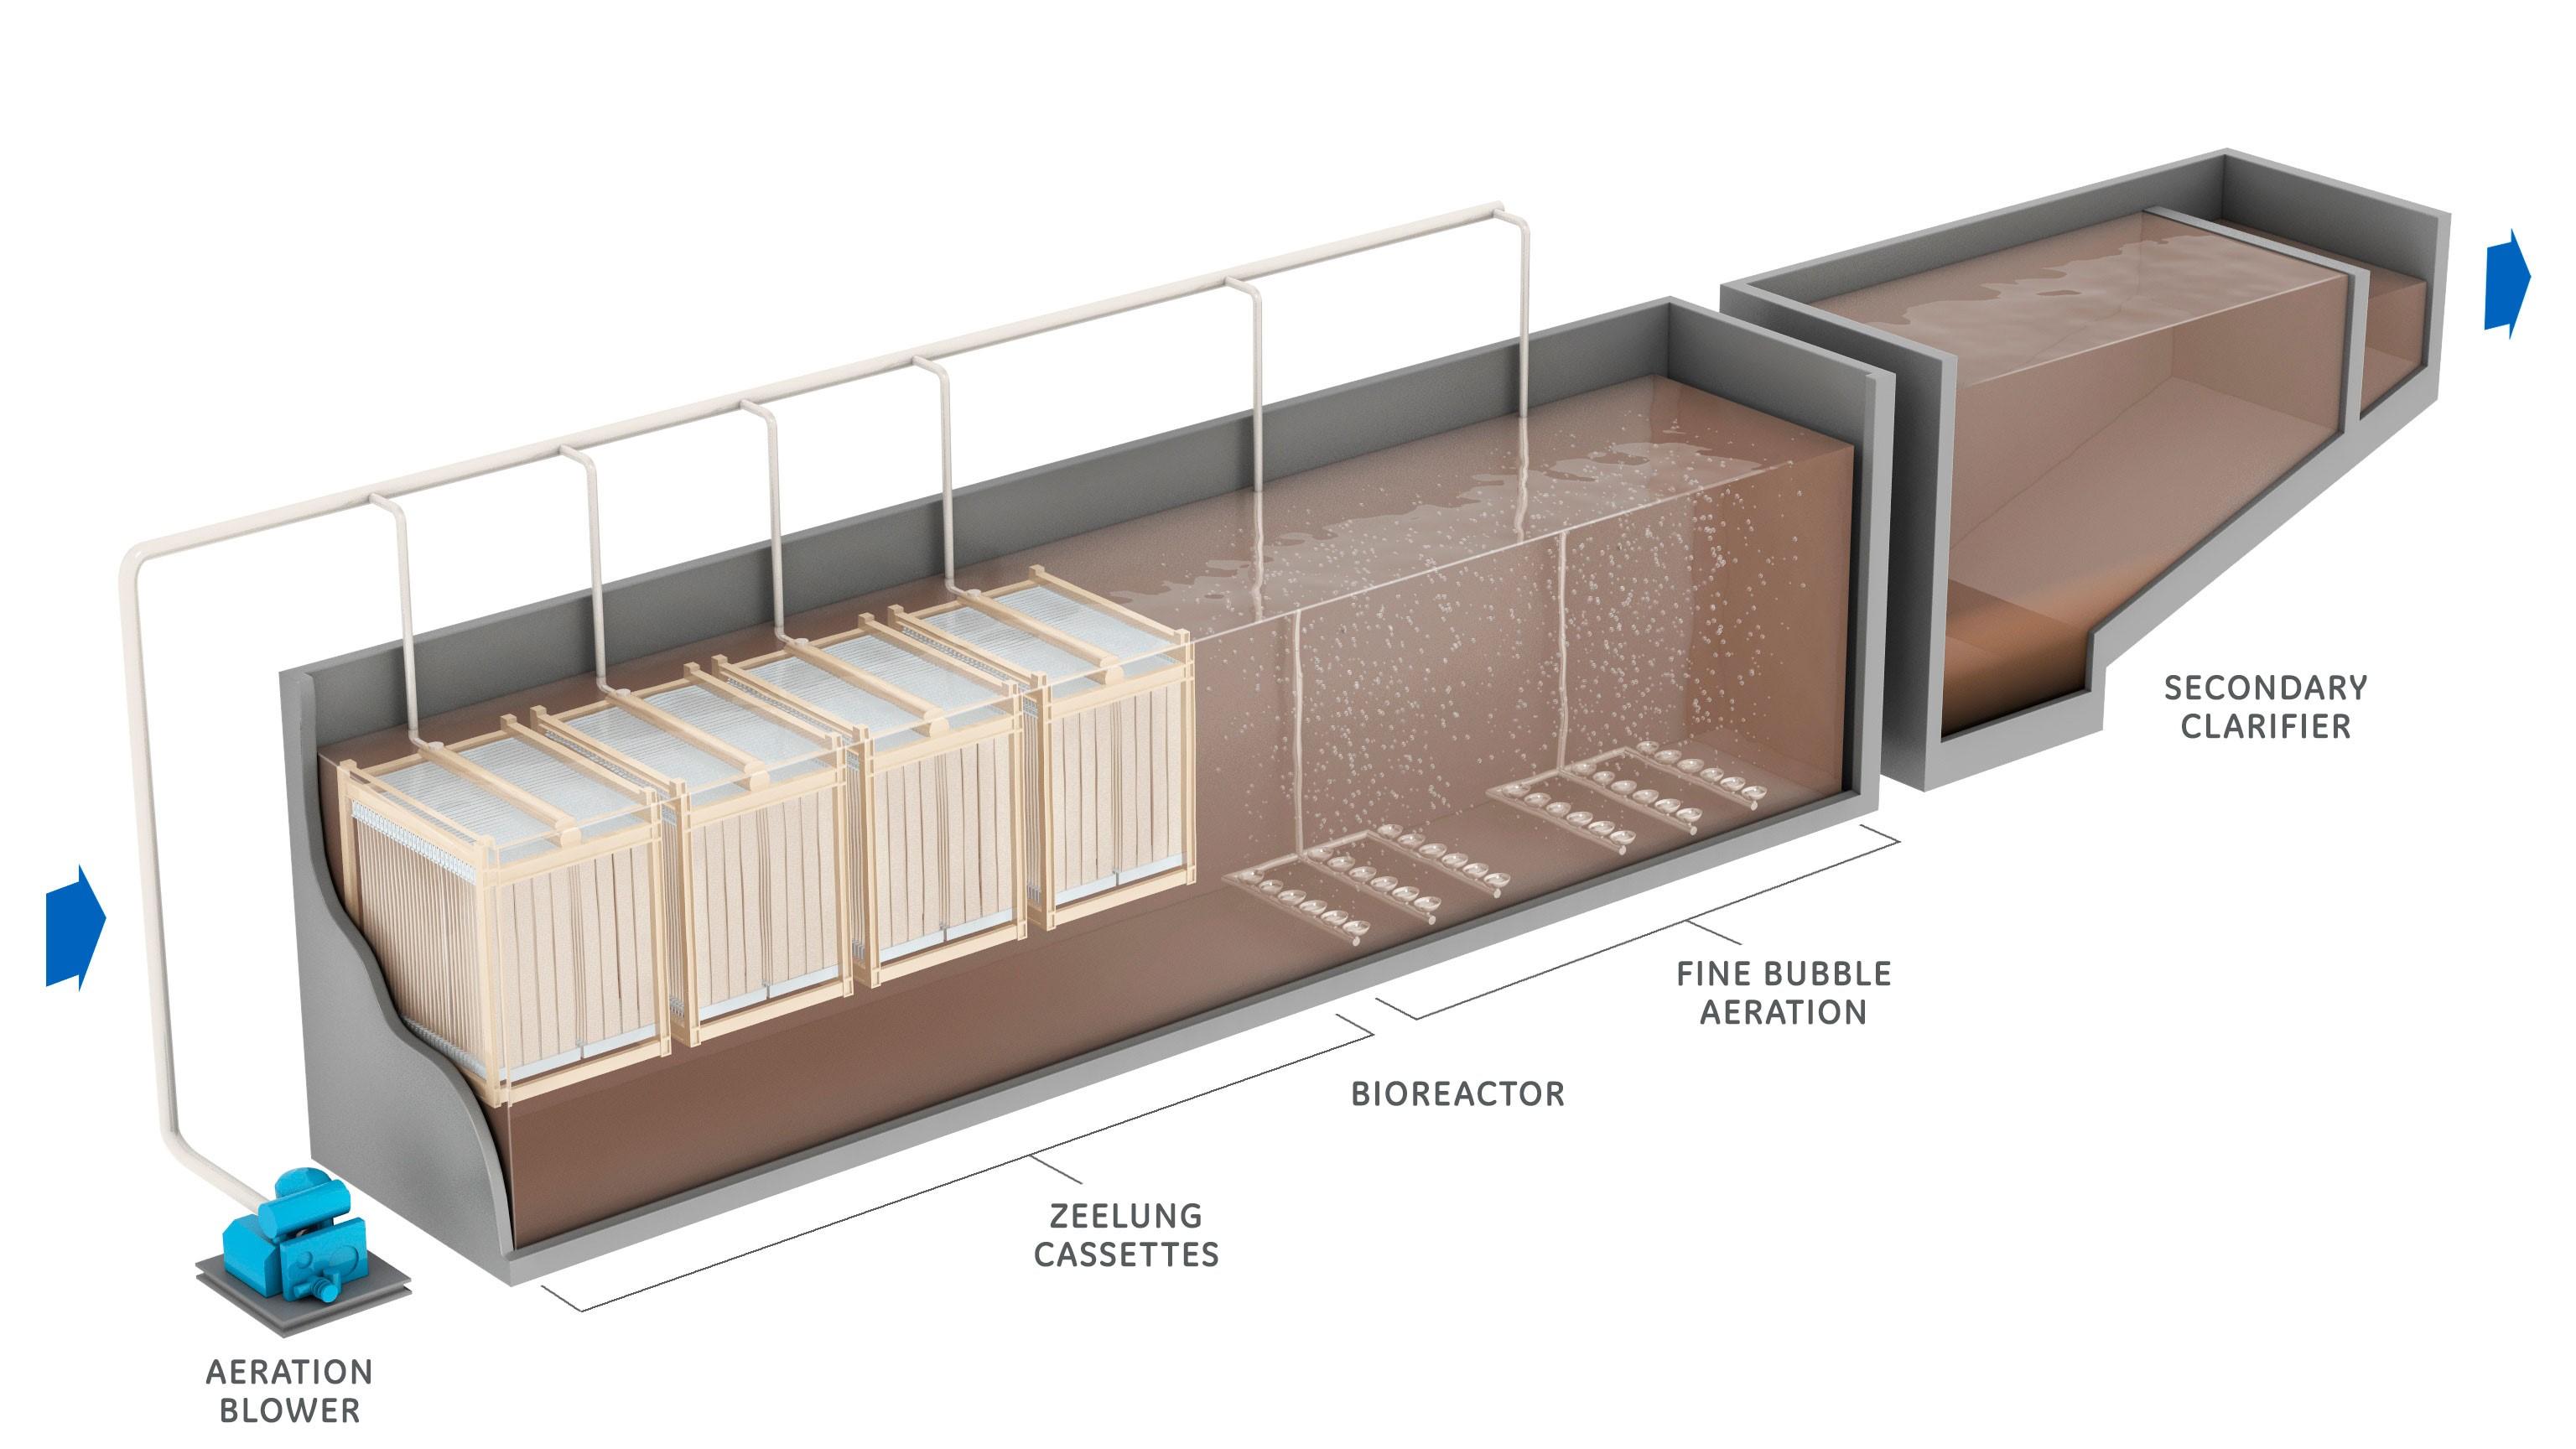 belgium, zeelung technology, zeeweed mbr, ge, wastewater, treatment